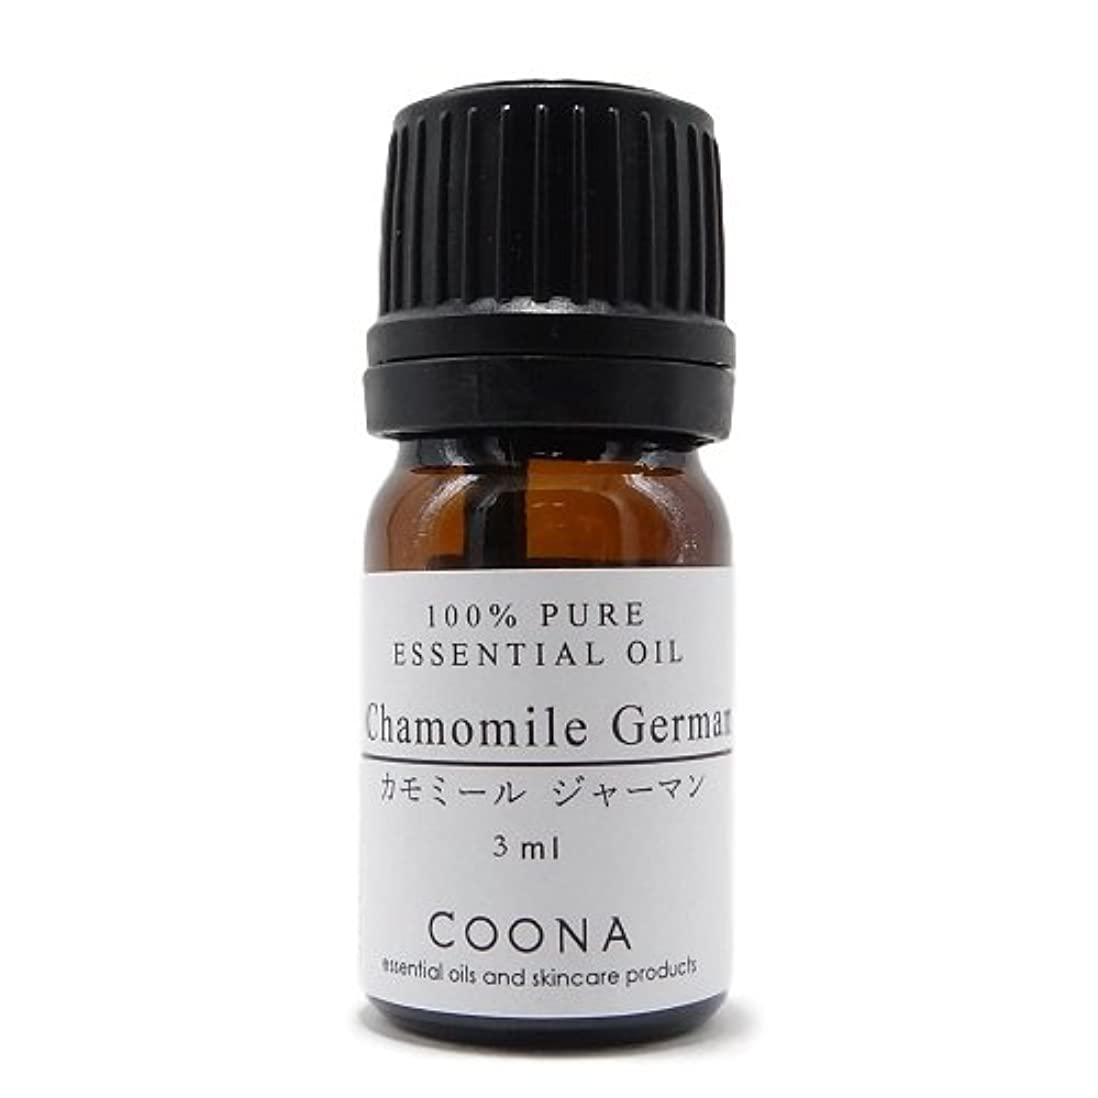 ローブ礼儀原稿カモミール ジャーマン 3 ml (COONA エッセンシャルオイル アロマオイル 100% 天然植物精油)